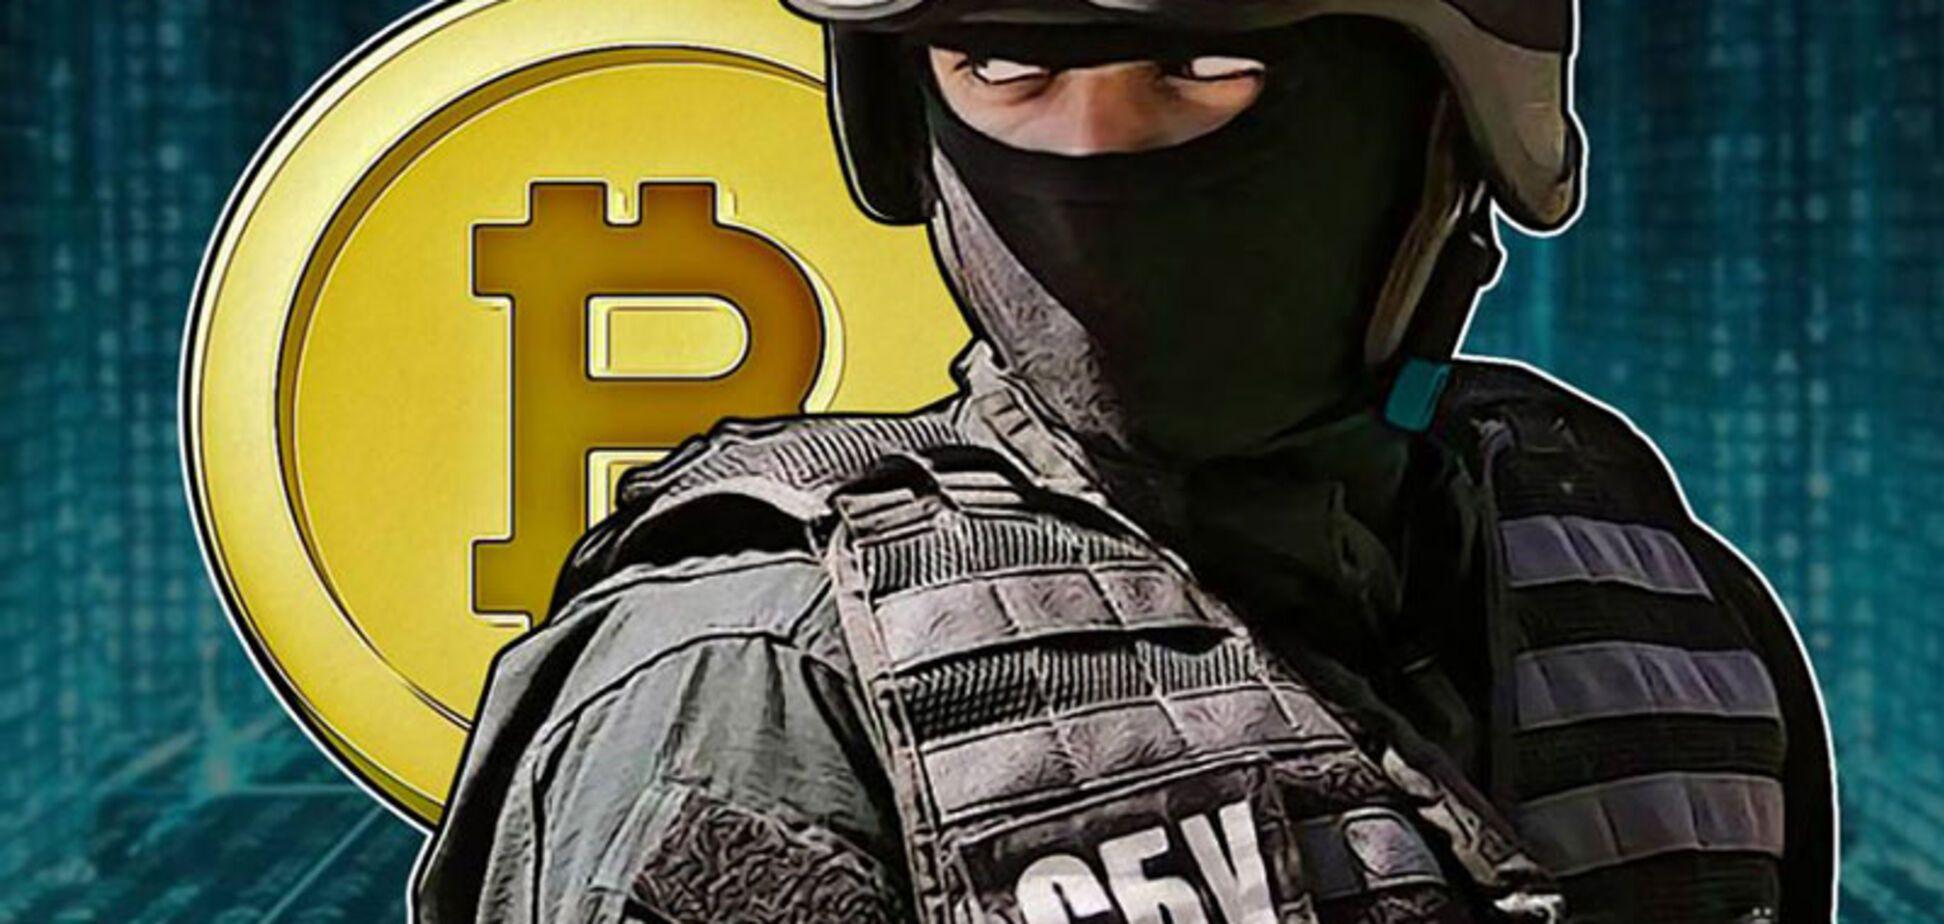 'Вкрали!' Творець блогу про криптовалюти висунув гучні обвинувачення СБУ